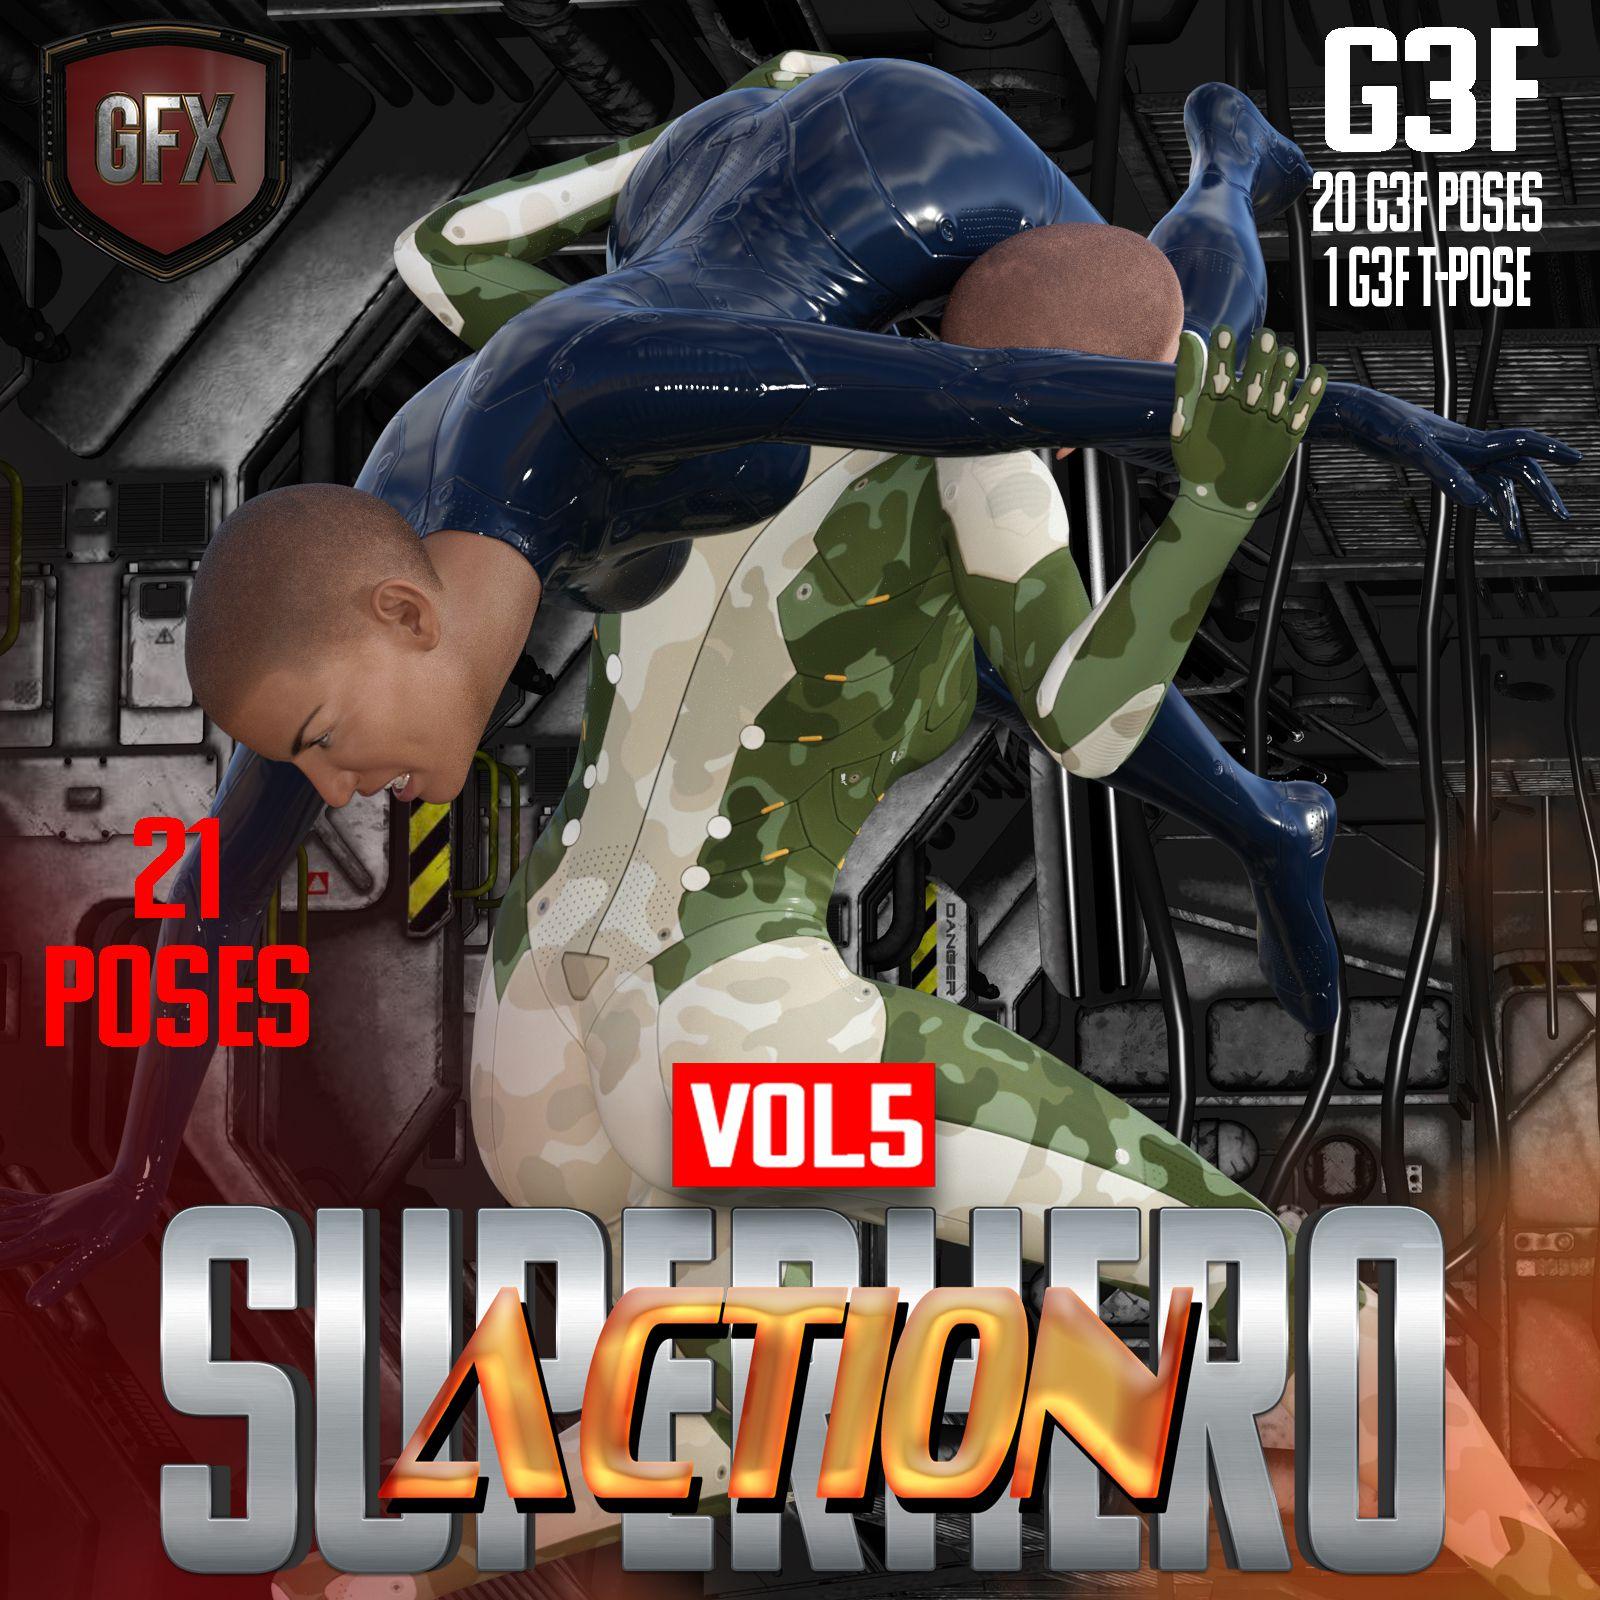 SuperHero Action for G3F Volume 5_DAZ3D下载站